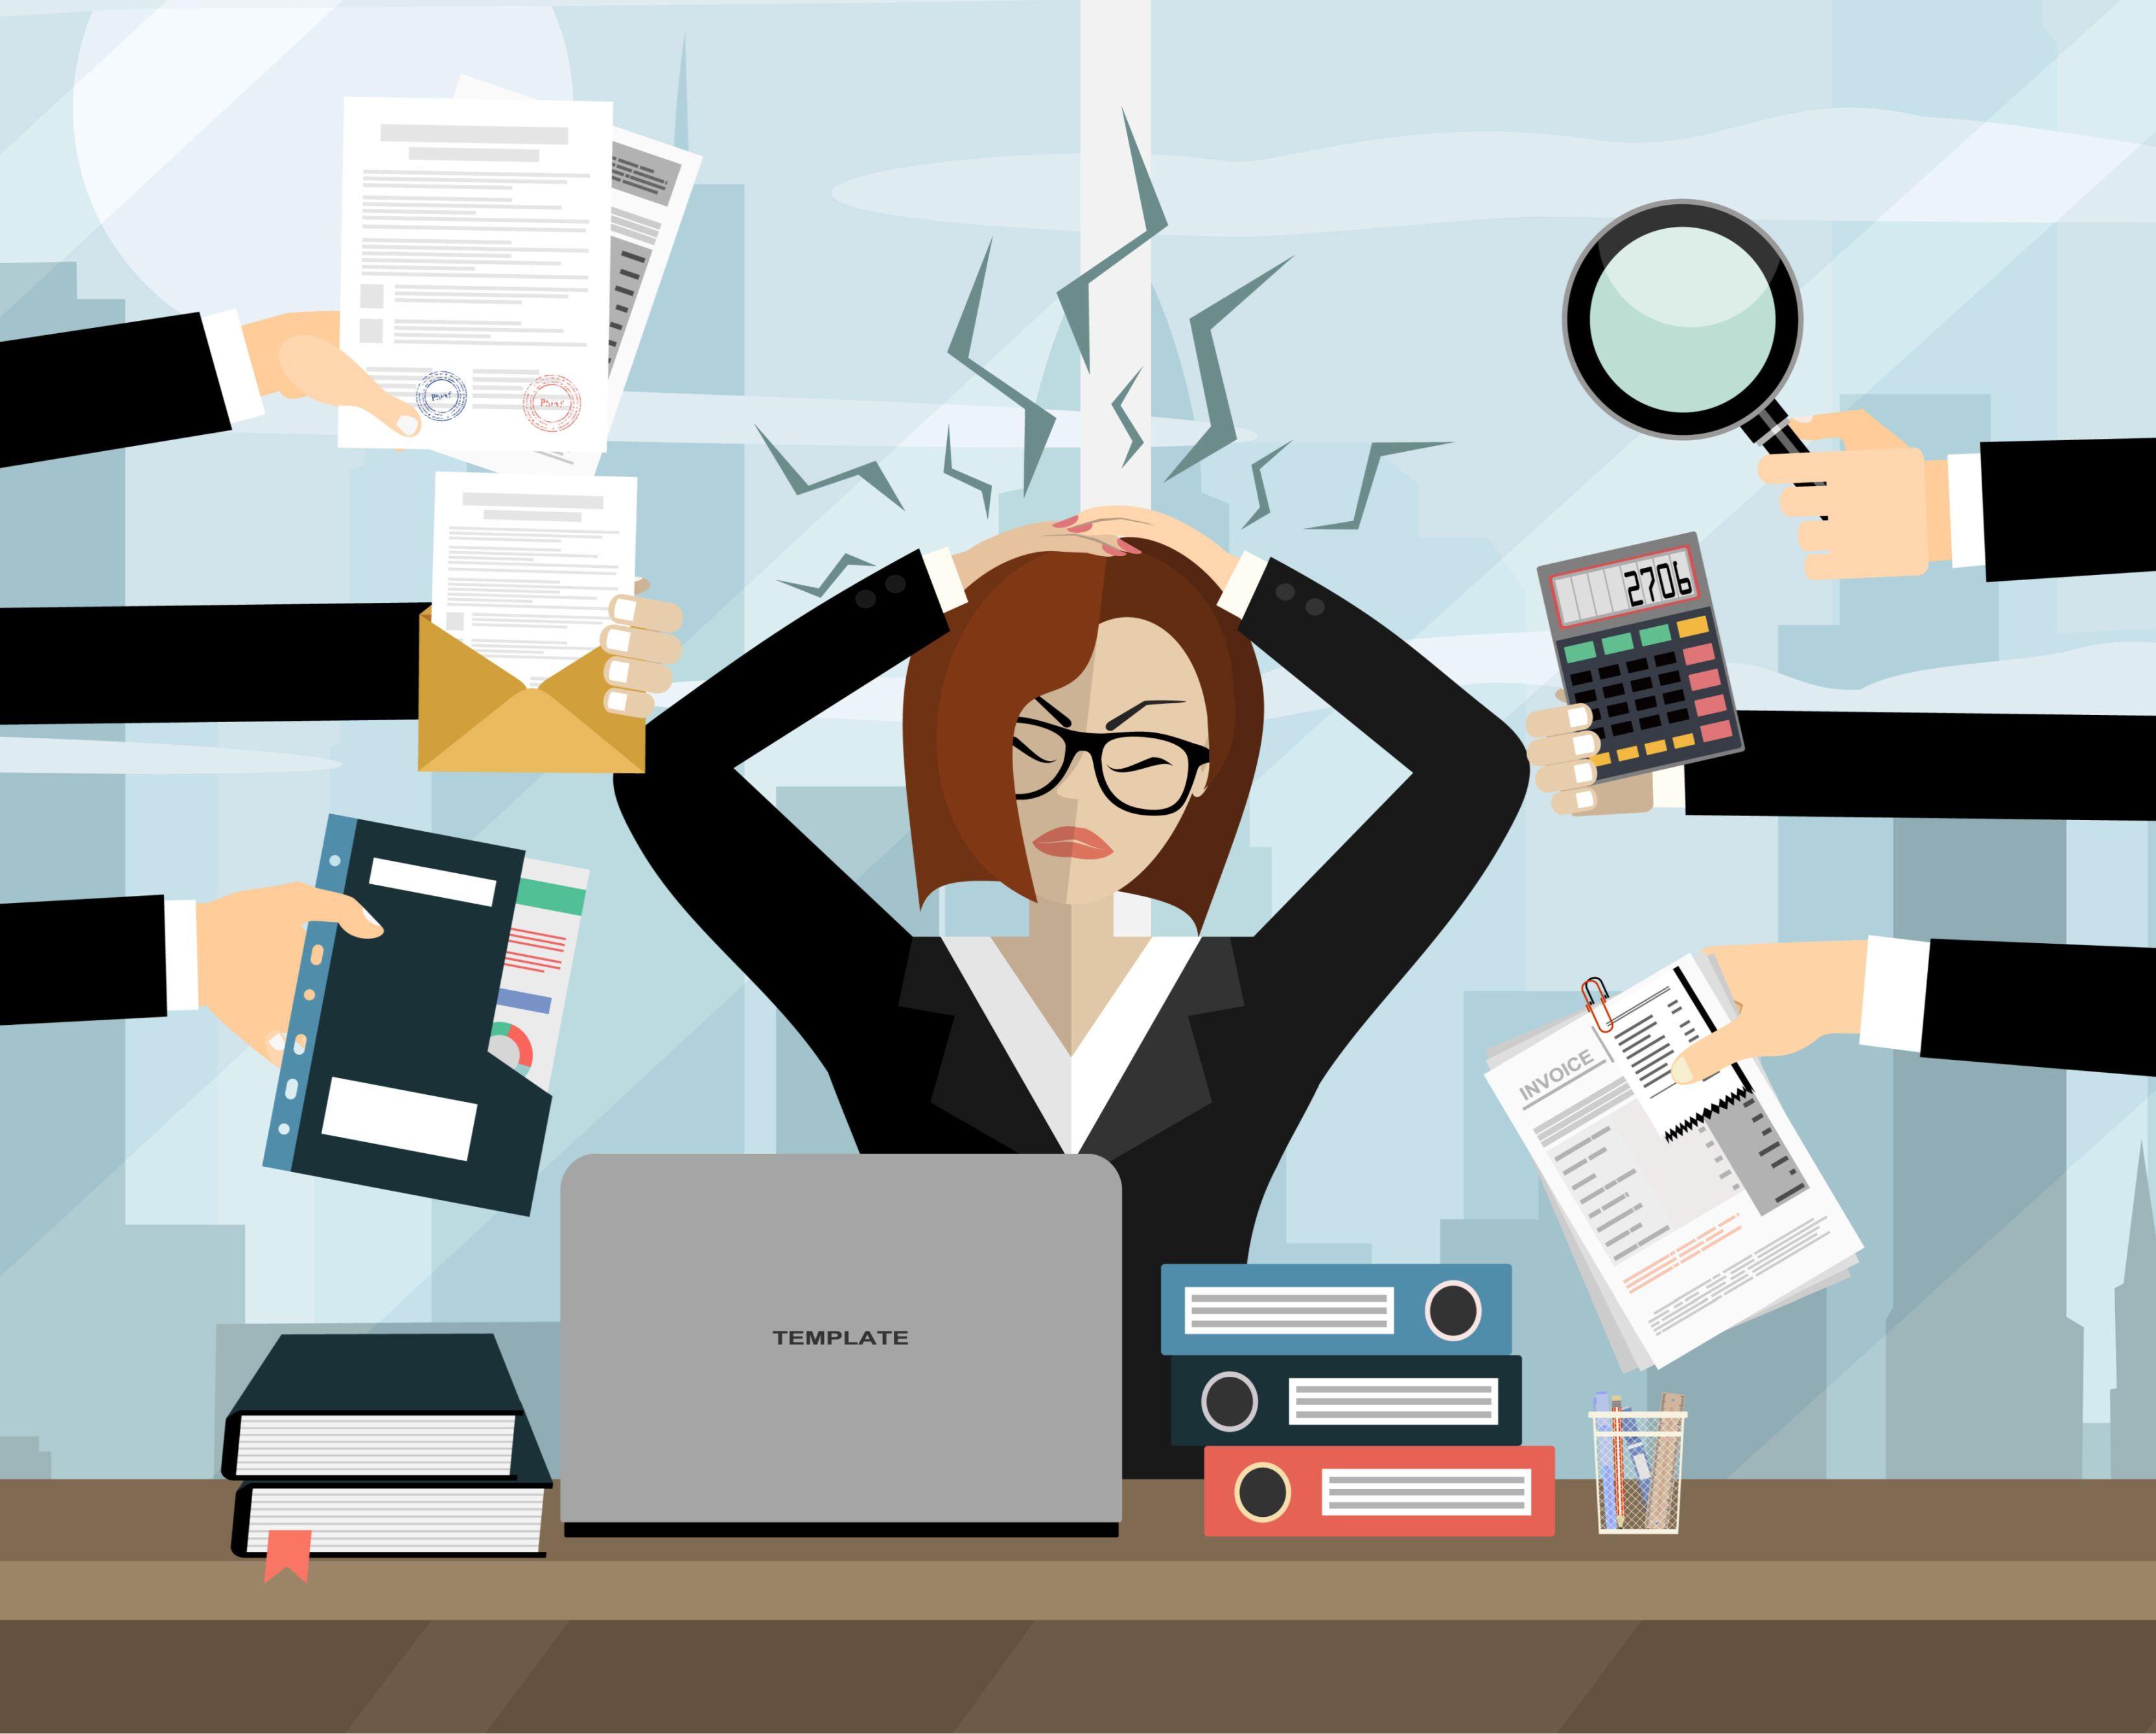 Stres jest wymieniany jako jedna z barier uniemożliwiających efektywną pracę (fot. Shutterstock)